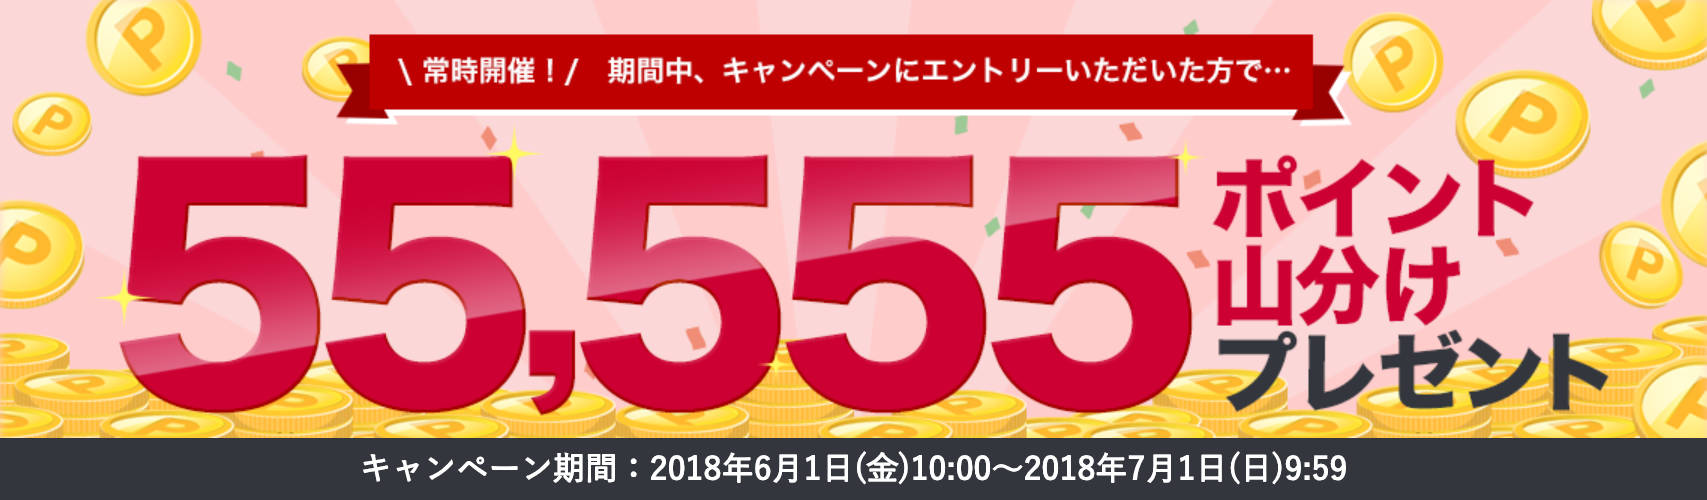 Rakooキャンペーン 2018年6月